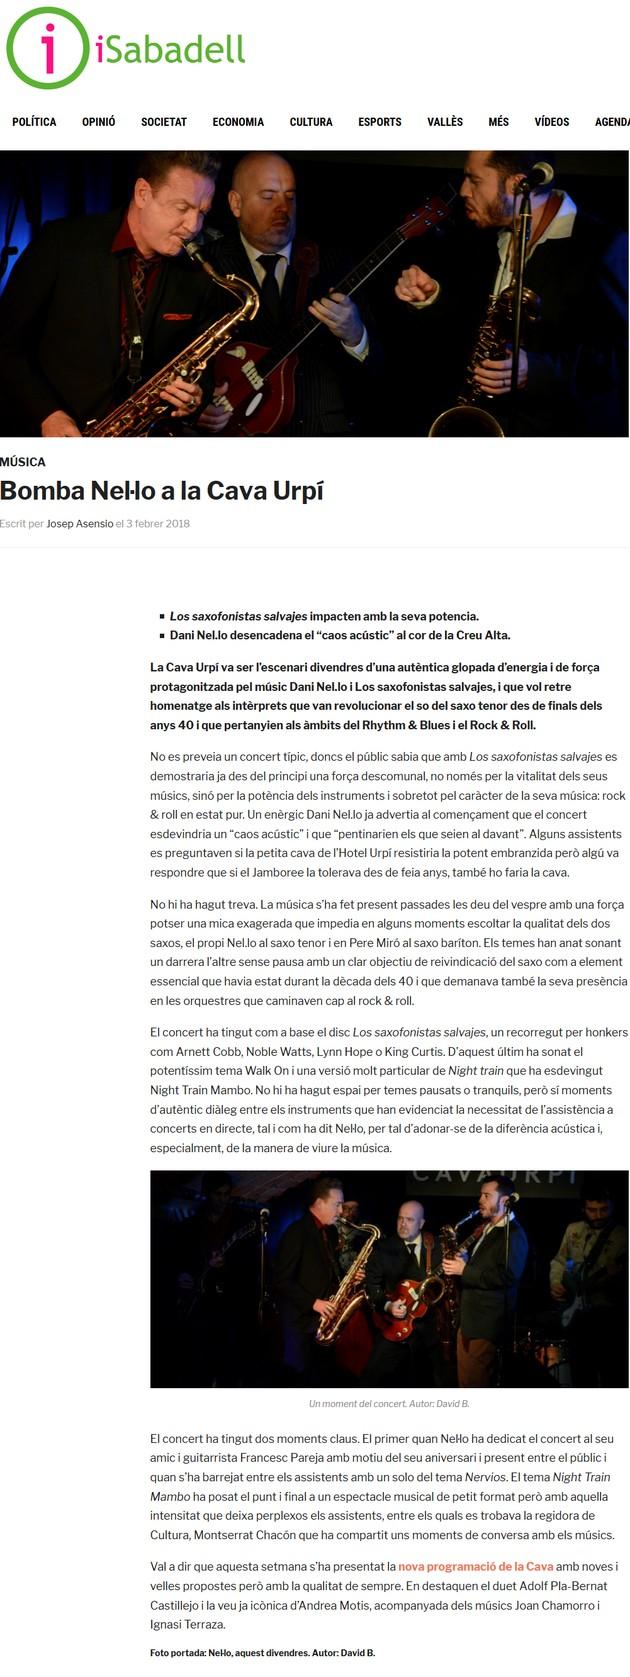 iSabadell: Bomba Nel·lo a la Cava Urpí